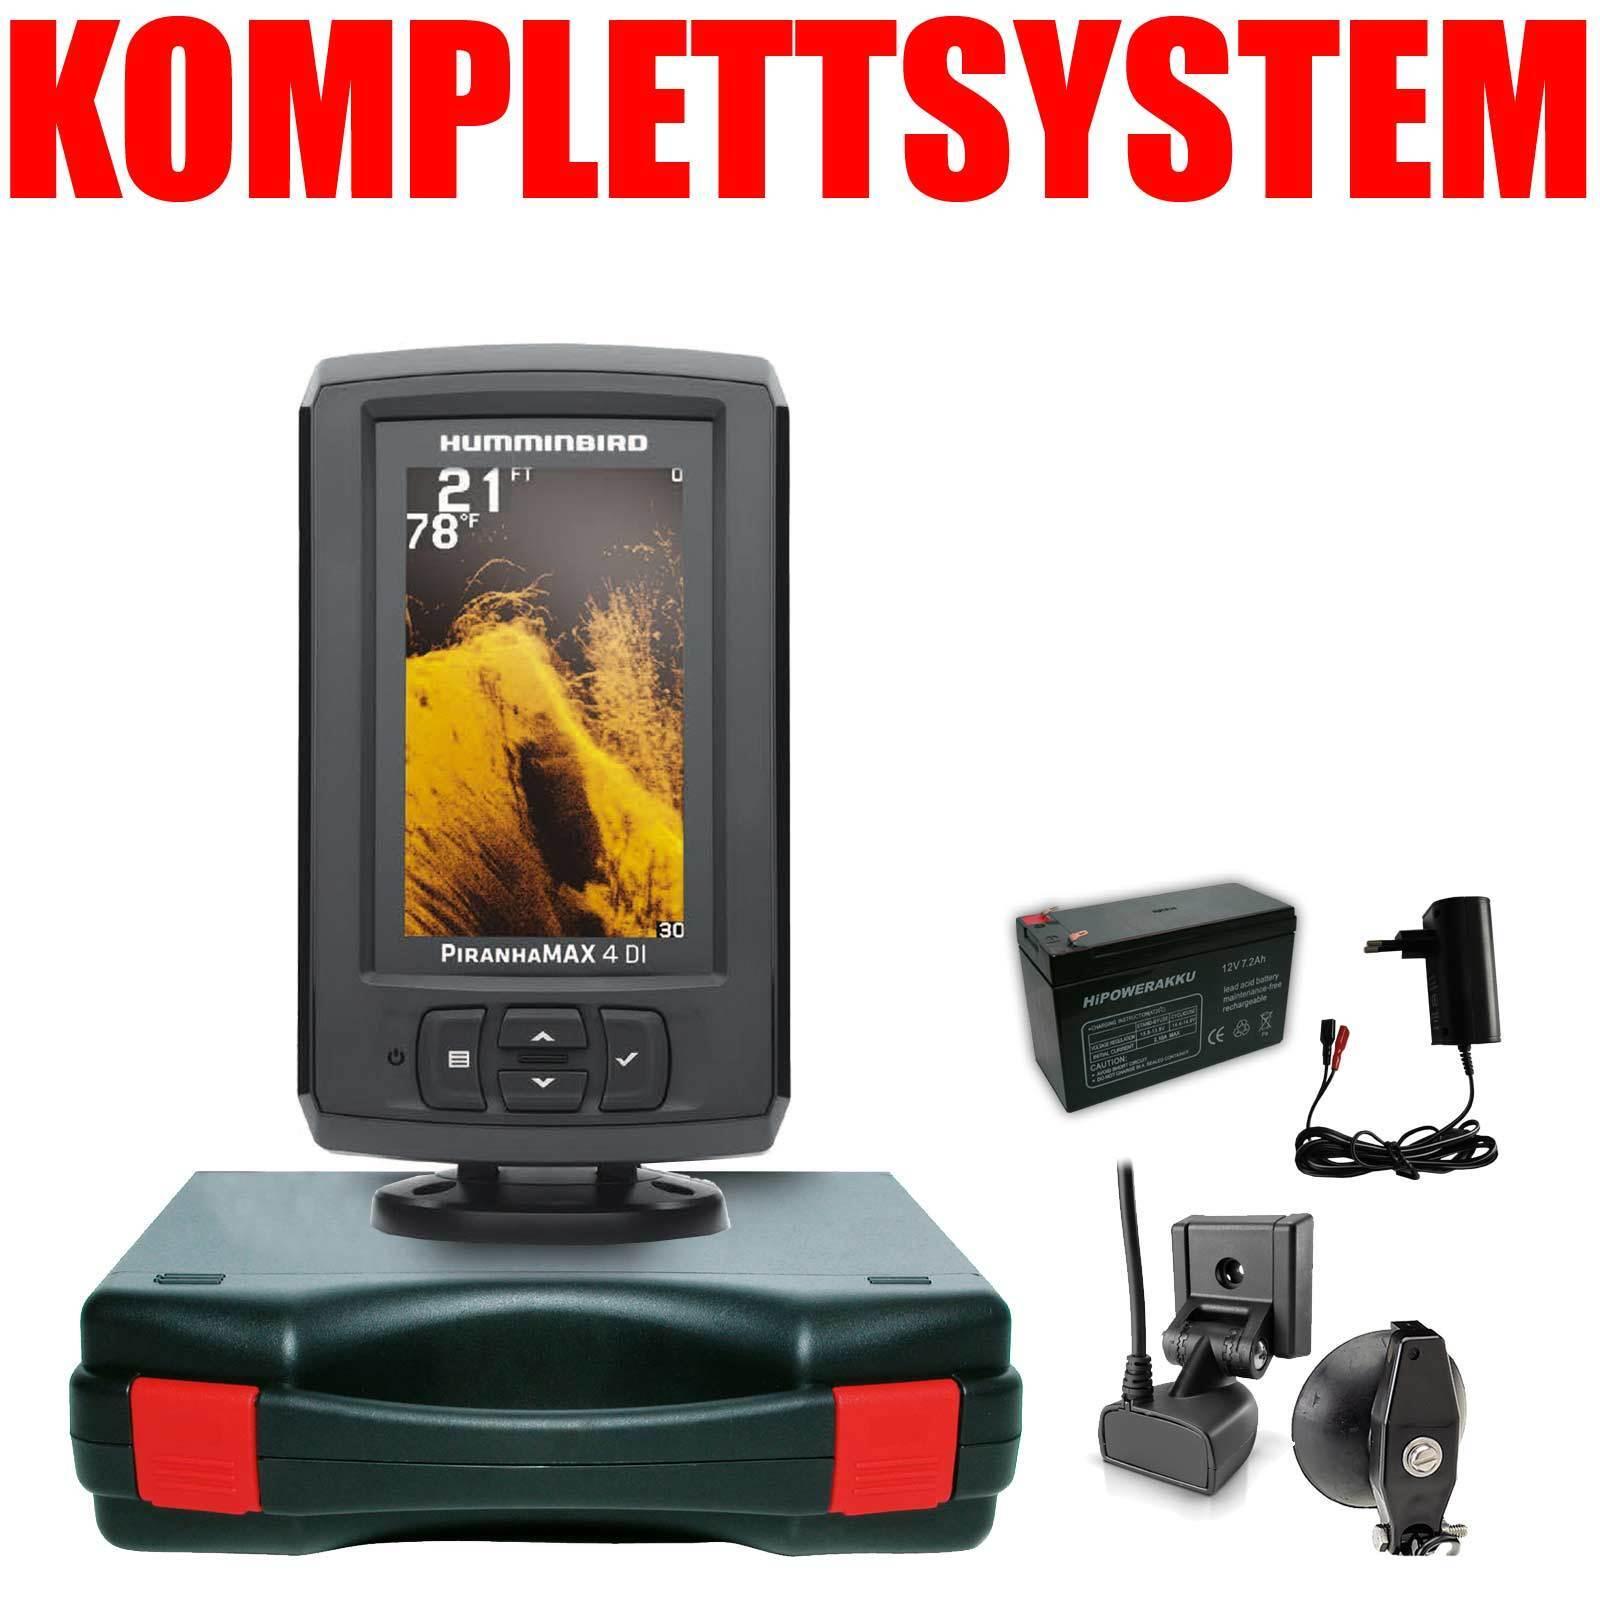 Humminbird Echolot Portabel Basic Komplettsystem - PiranhaMax 4 DI DI DI Down Imaging dfec0c